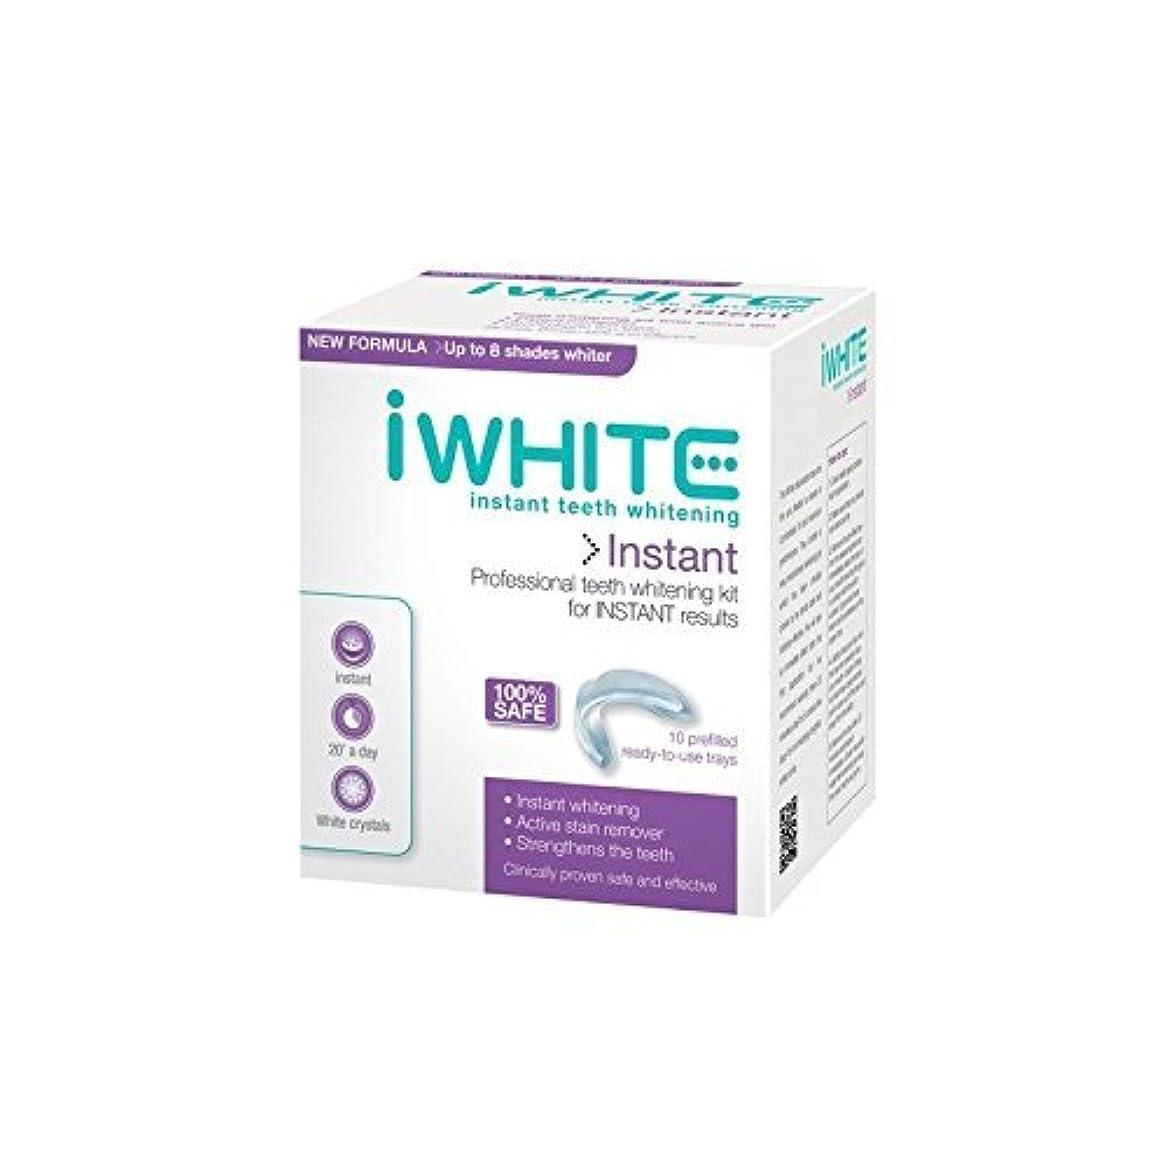 母コンピューターオプショナルiWhite Instant Professional Teeth Whitening Kit (10 Trays) - キットを白くするインスタントプロの歯(10個のトレー) [並行輸入品]